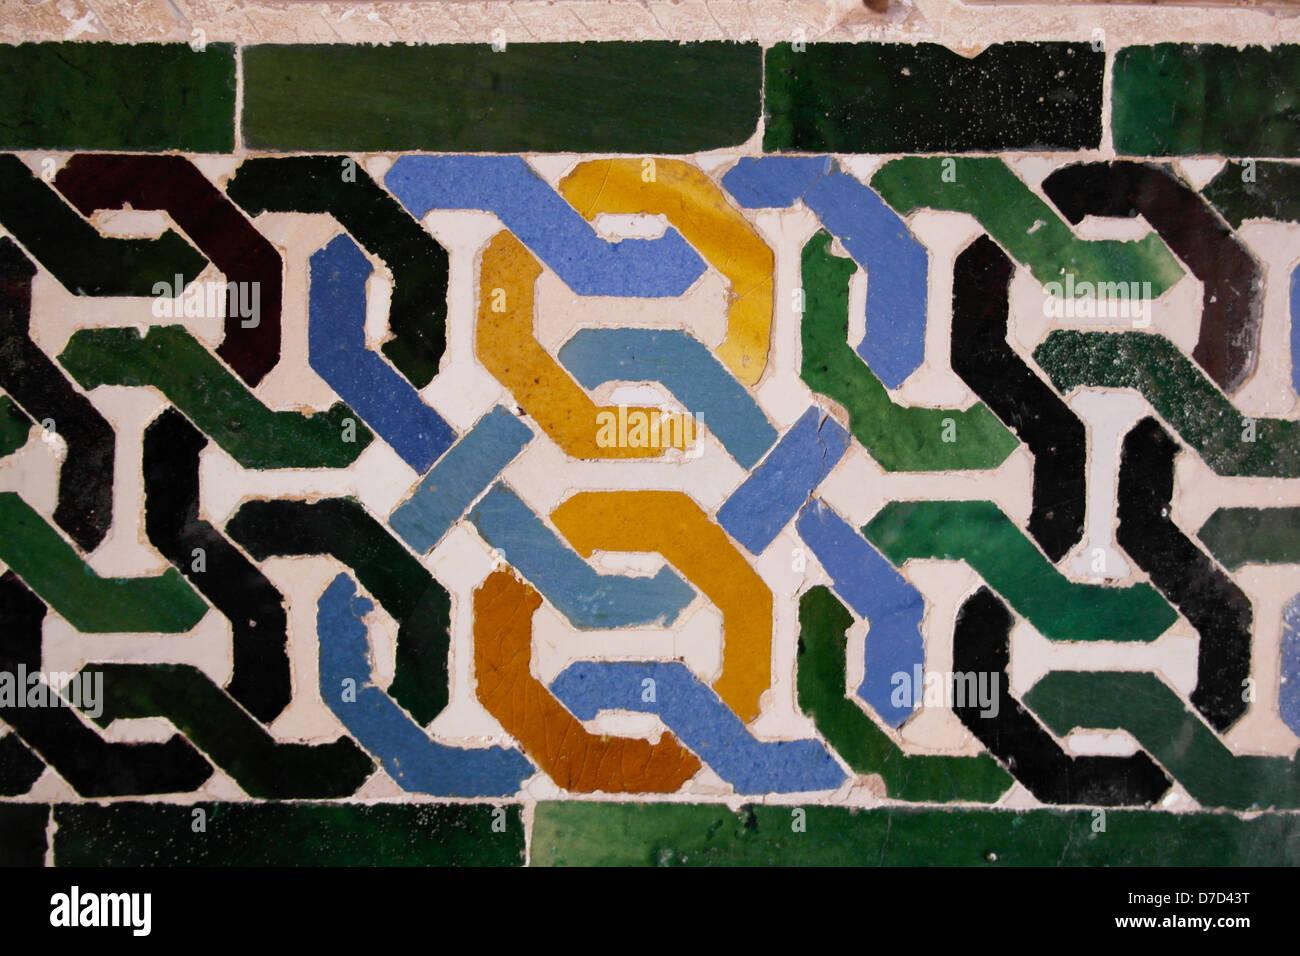 Decoradas en azul y amarillo adornado con azulejos de cerámica de color verde, con forma de corazón - Imagen De Stock